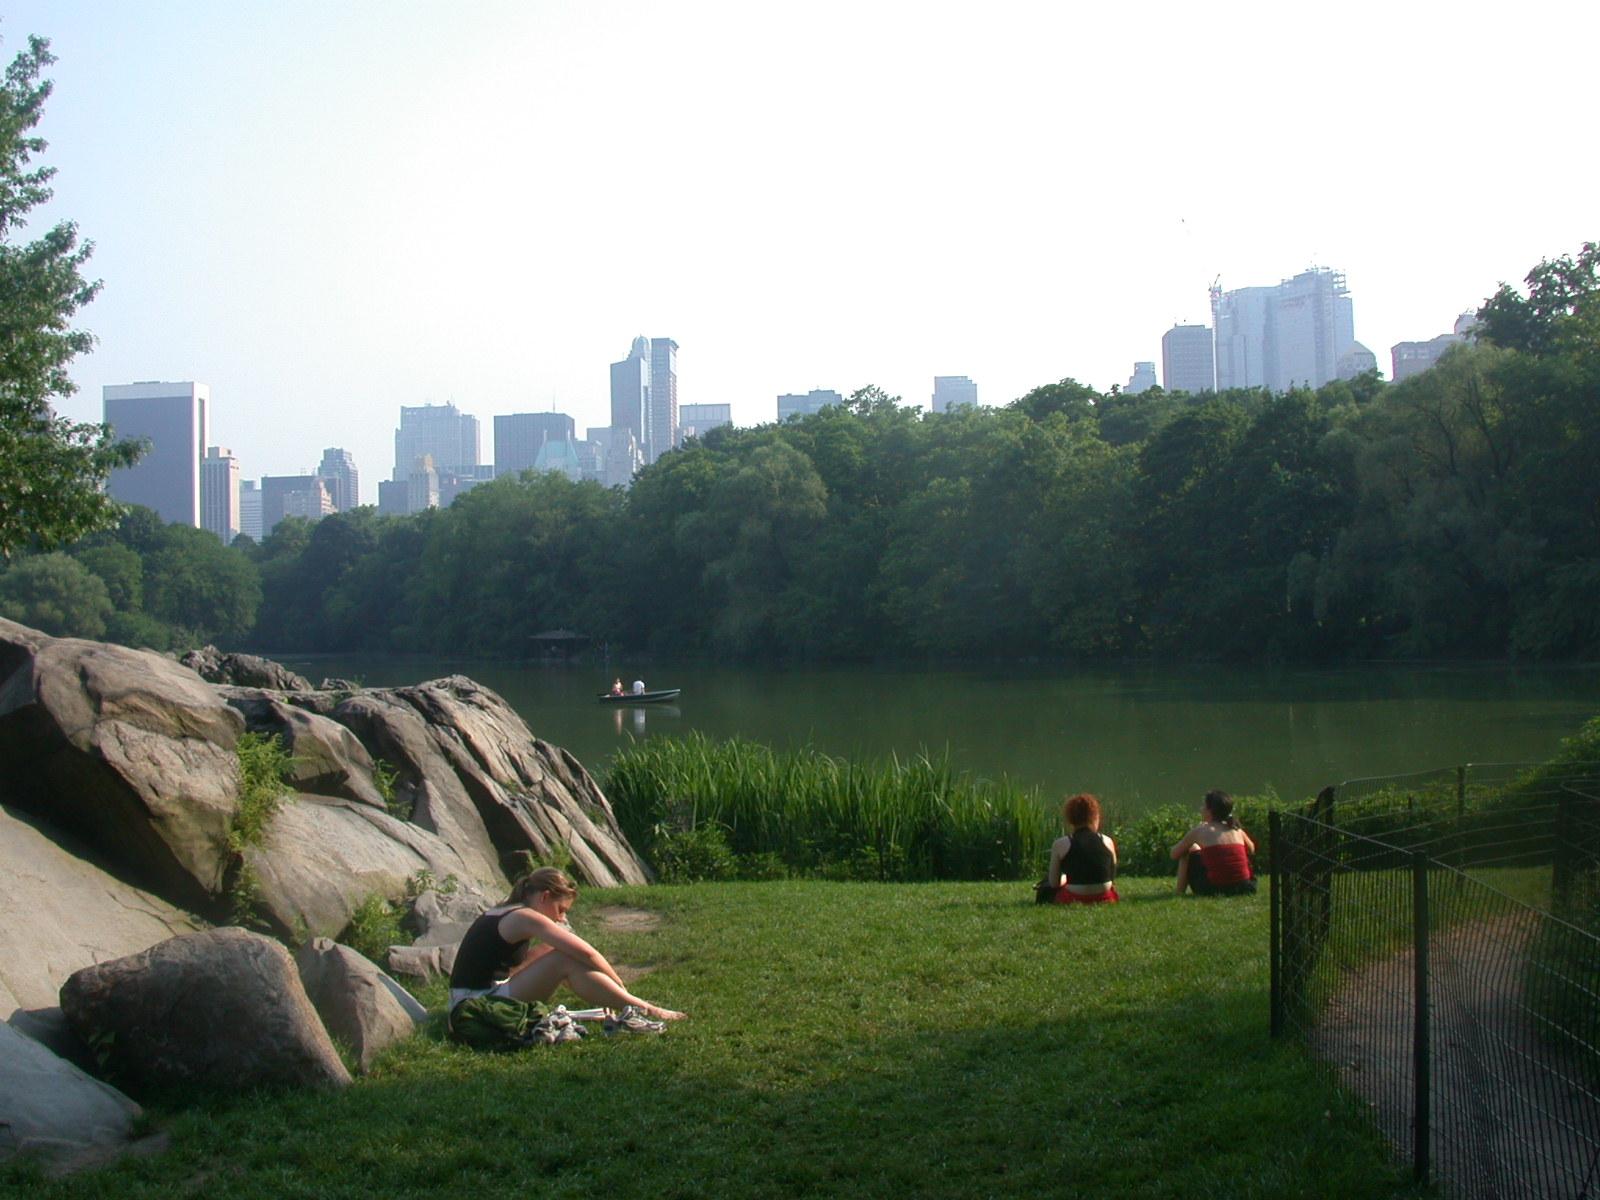 a központi park összekapcsolódik extrovert társkereső introvertált zümmögés